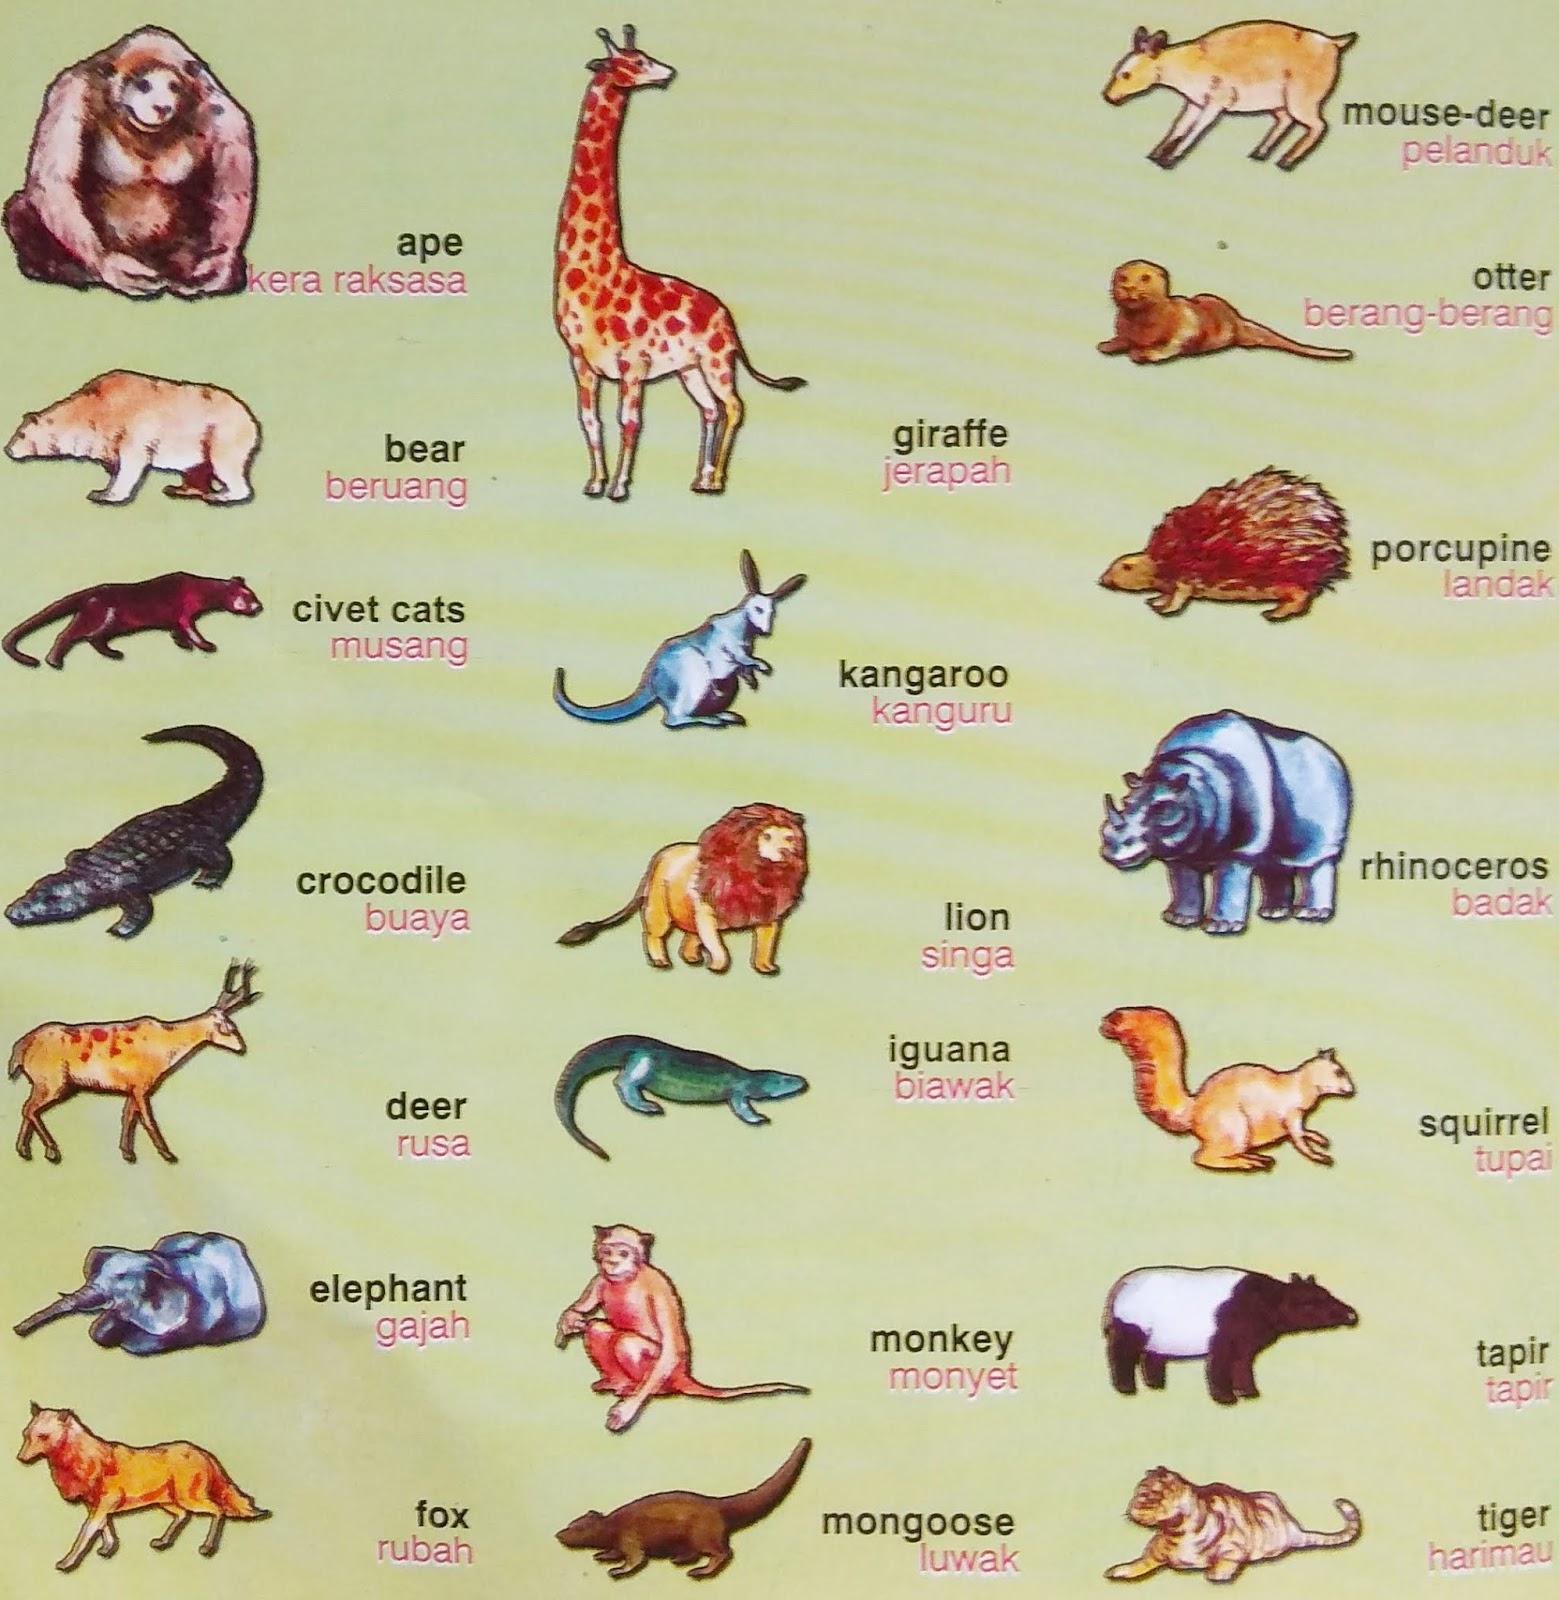 5500 Gambar Hewan Dan Namanya Dalam Bahasa Inggris HD Terbaru